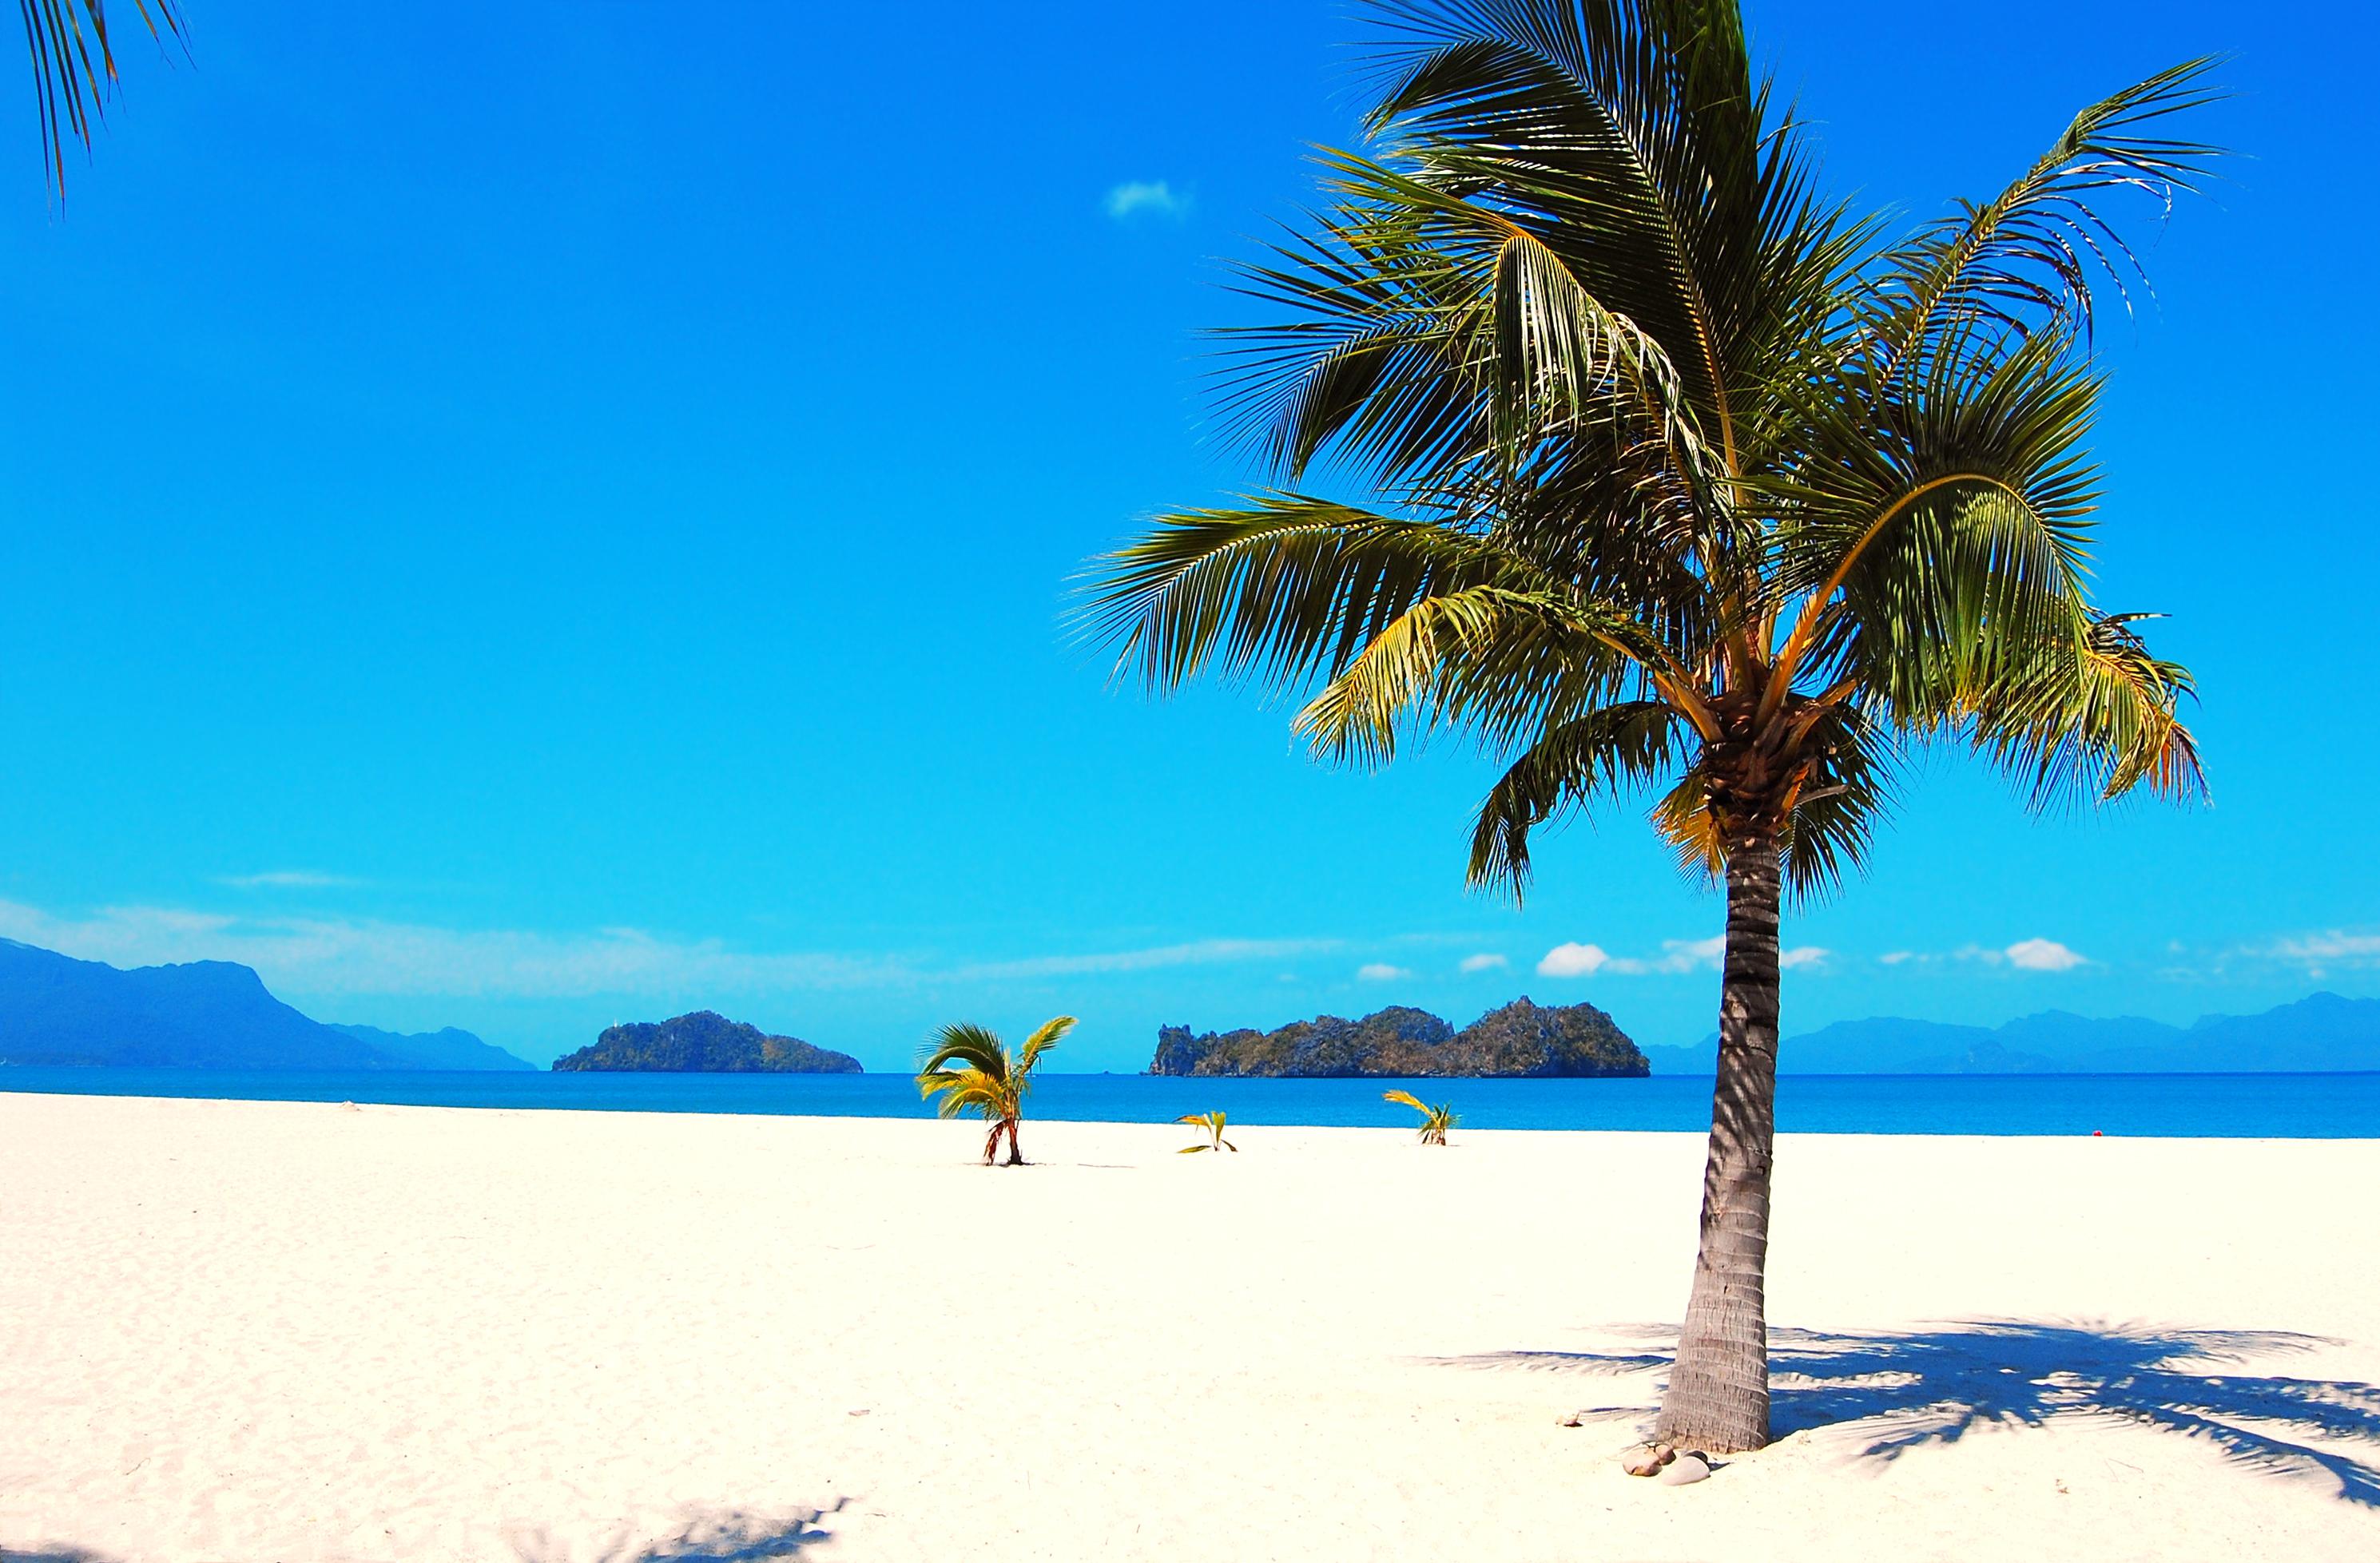 обои на рабочий стол море пальмы песок в высоком качестве № 2013 бесплатно